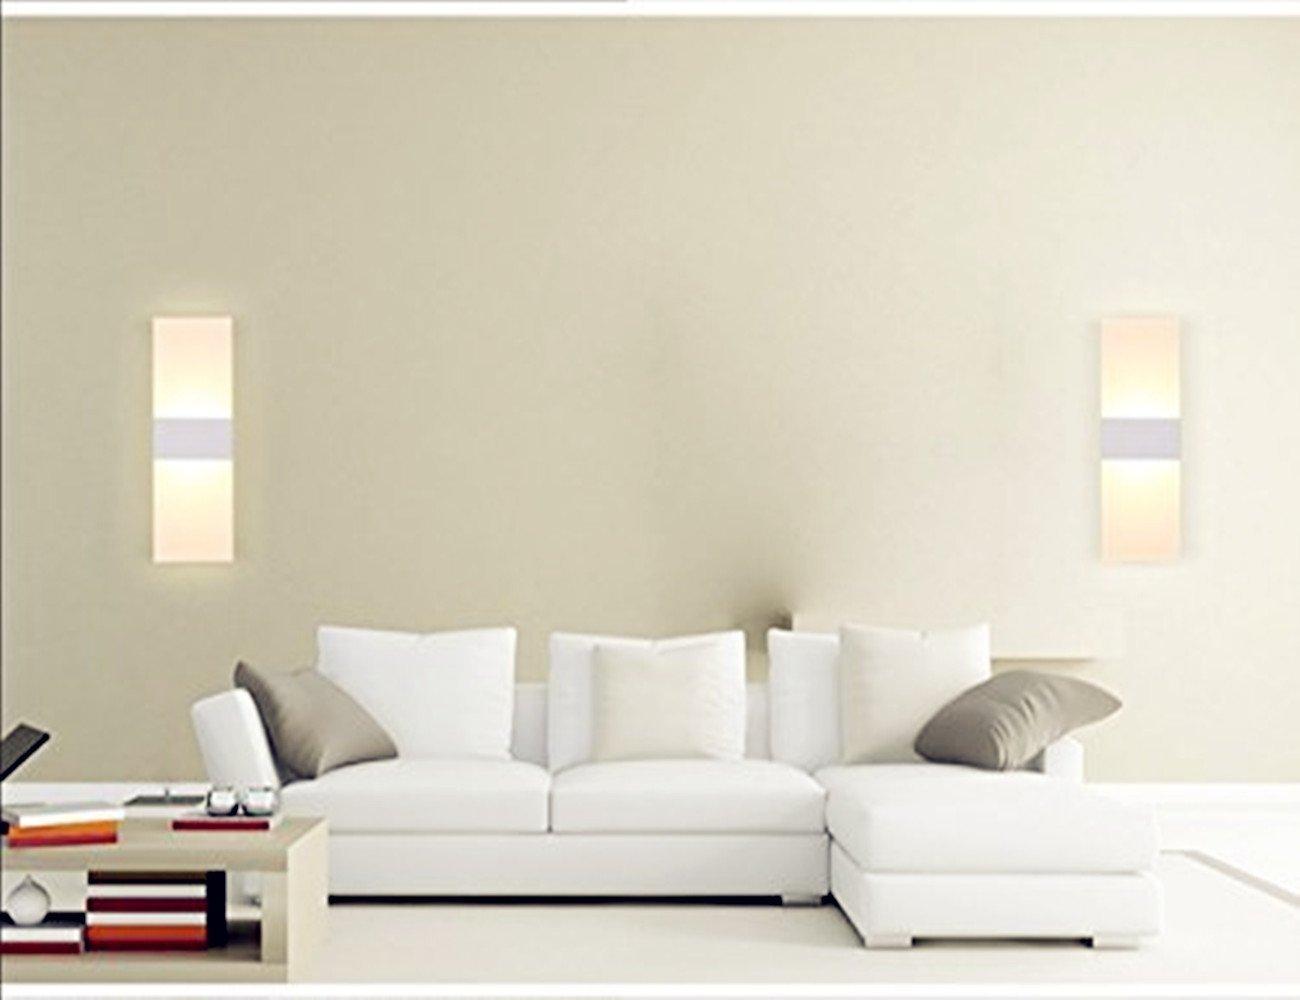 Unimall w lampade da parete illuminazione per interni in